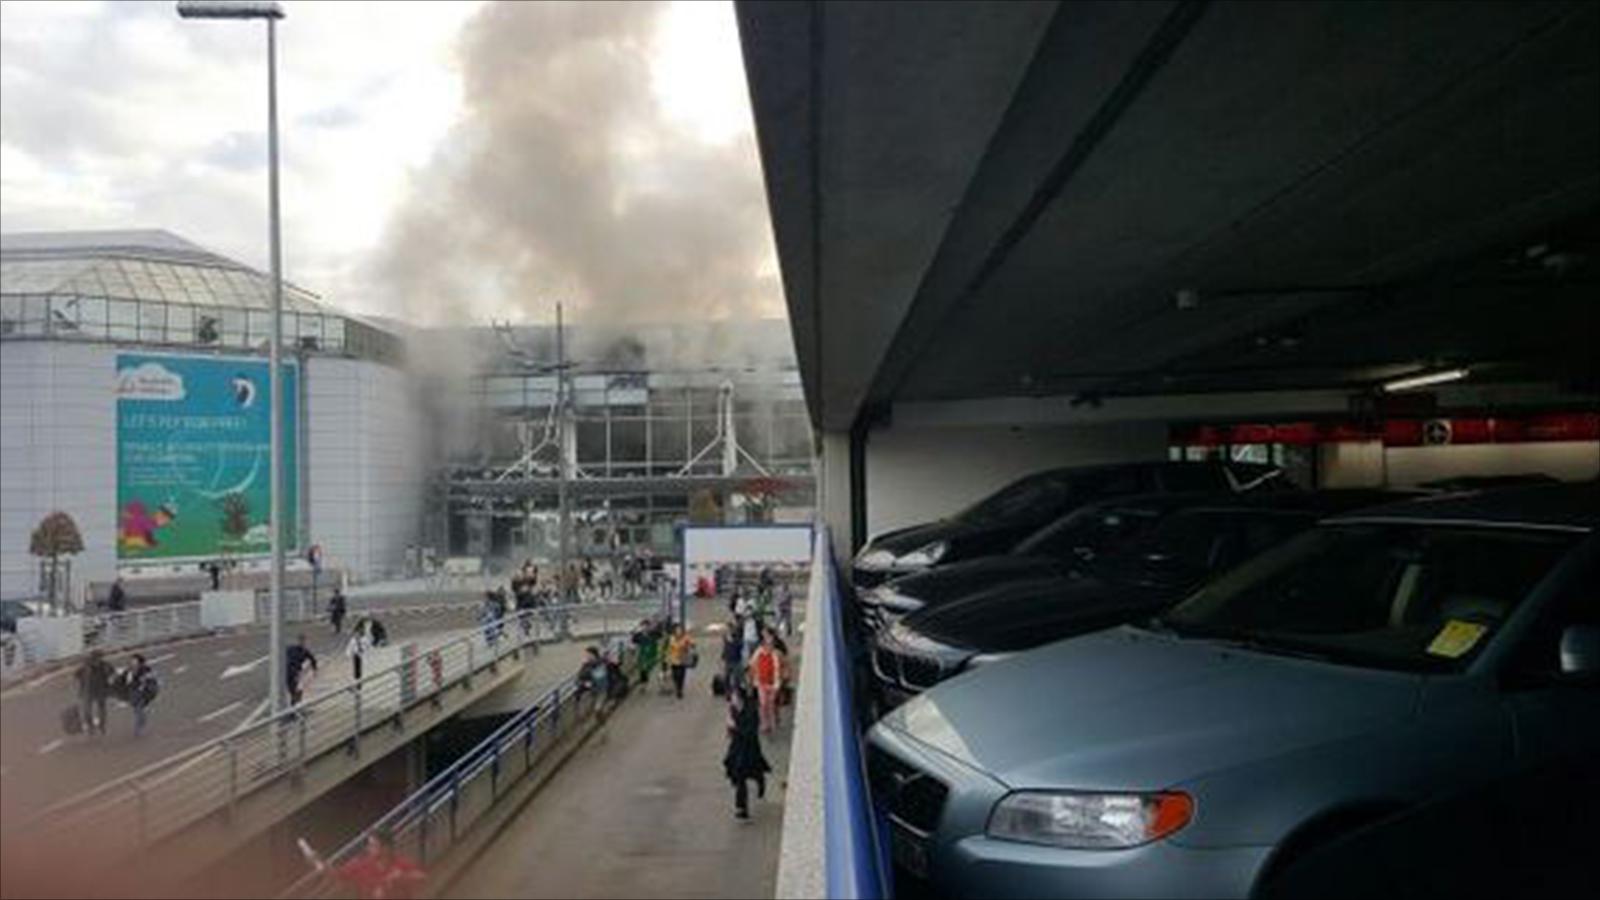 عاجل: تفجيرات في مطار بروكسيل Brussels Airport ببلجيكا